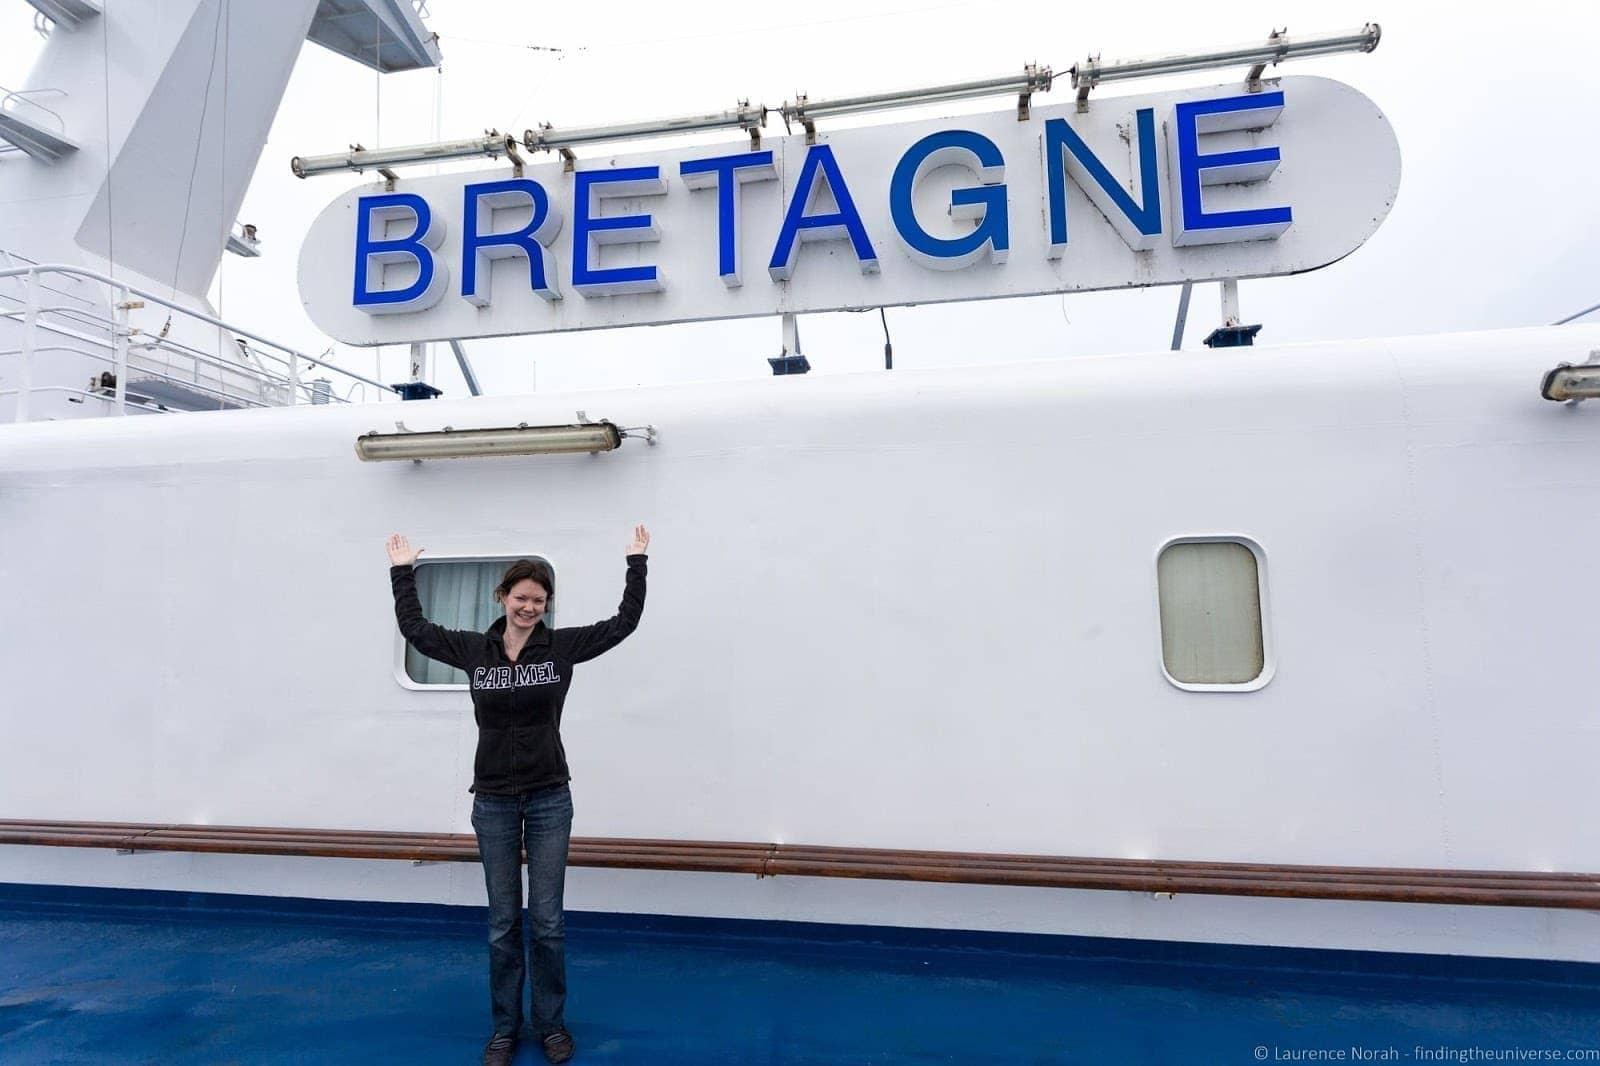 Bretagne Ferry Brittany Ferry crossing